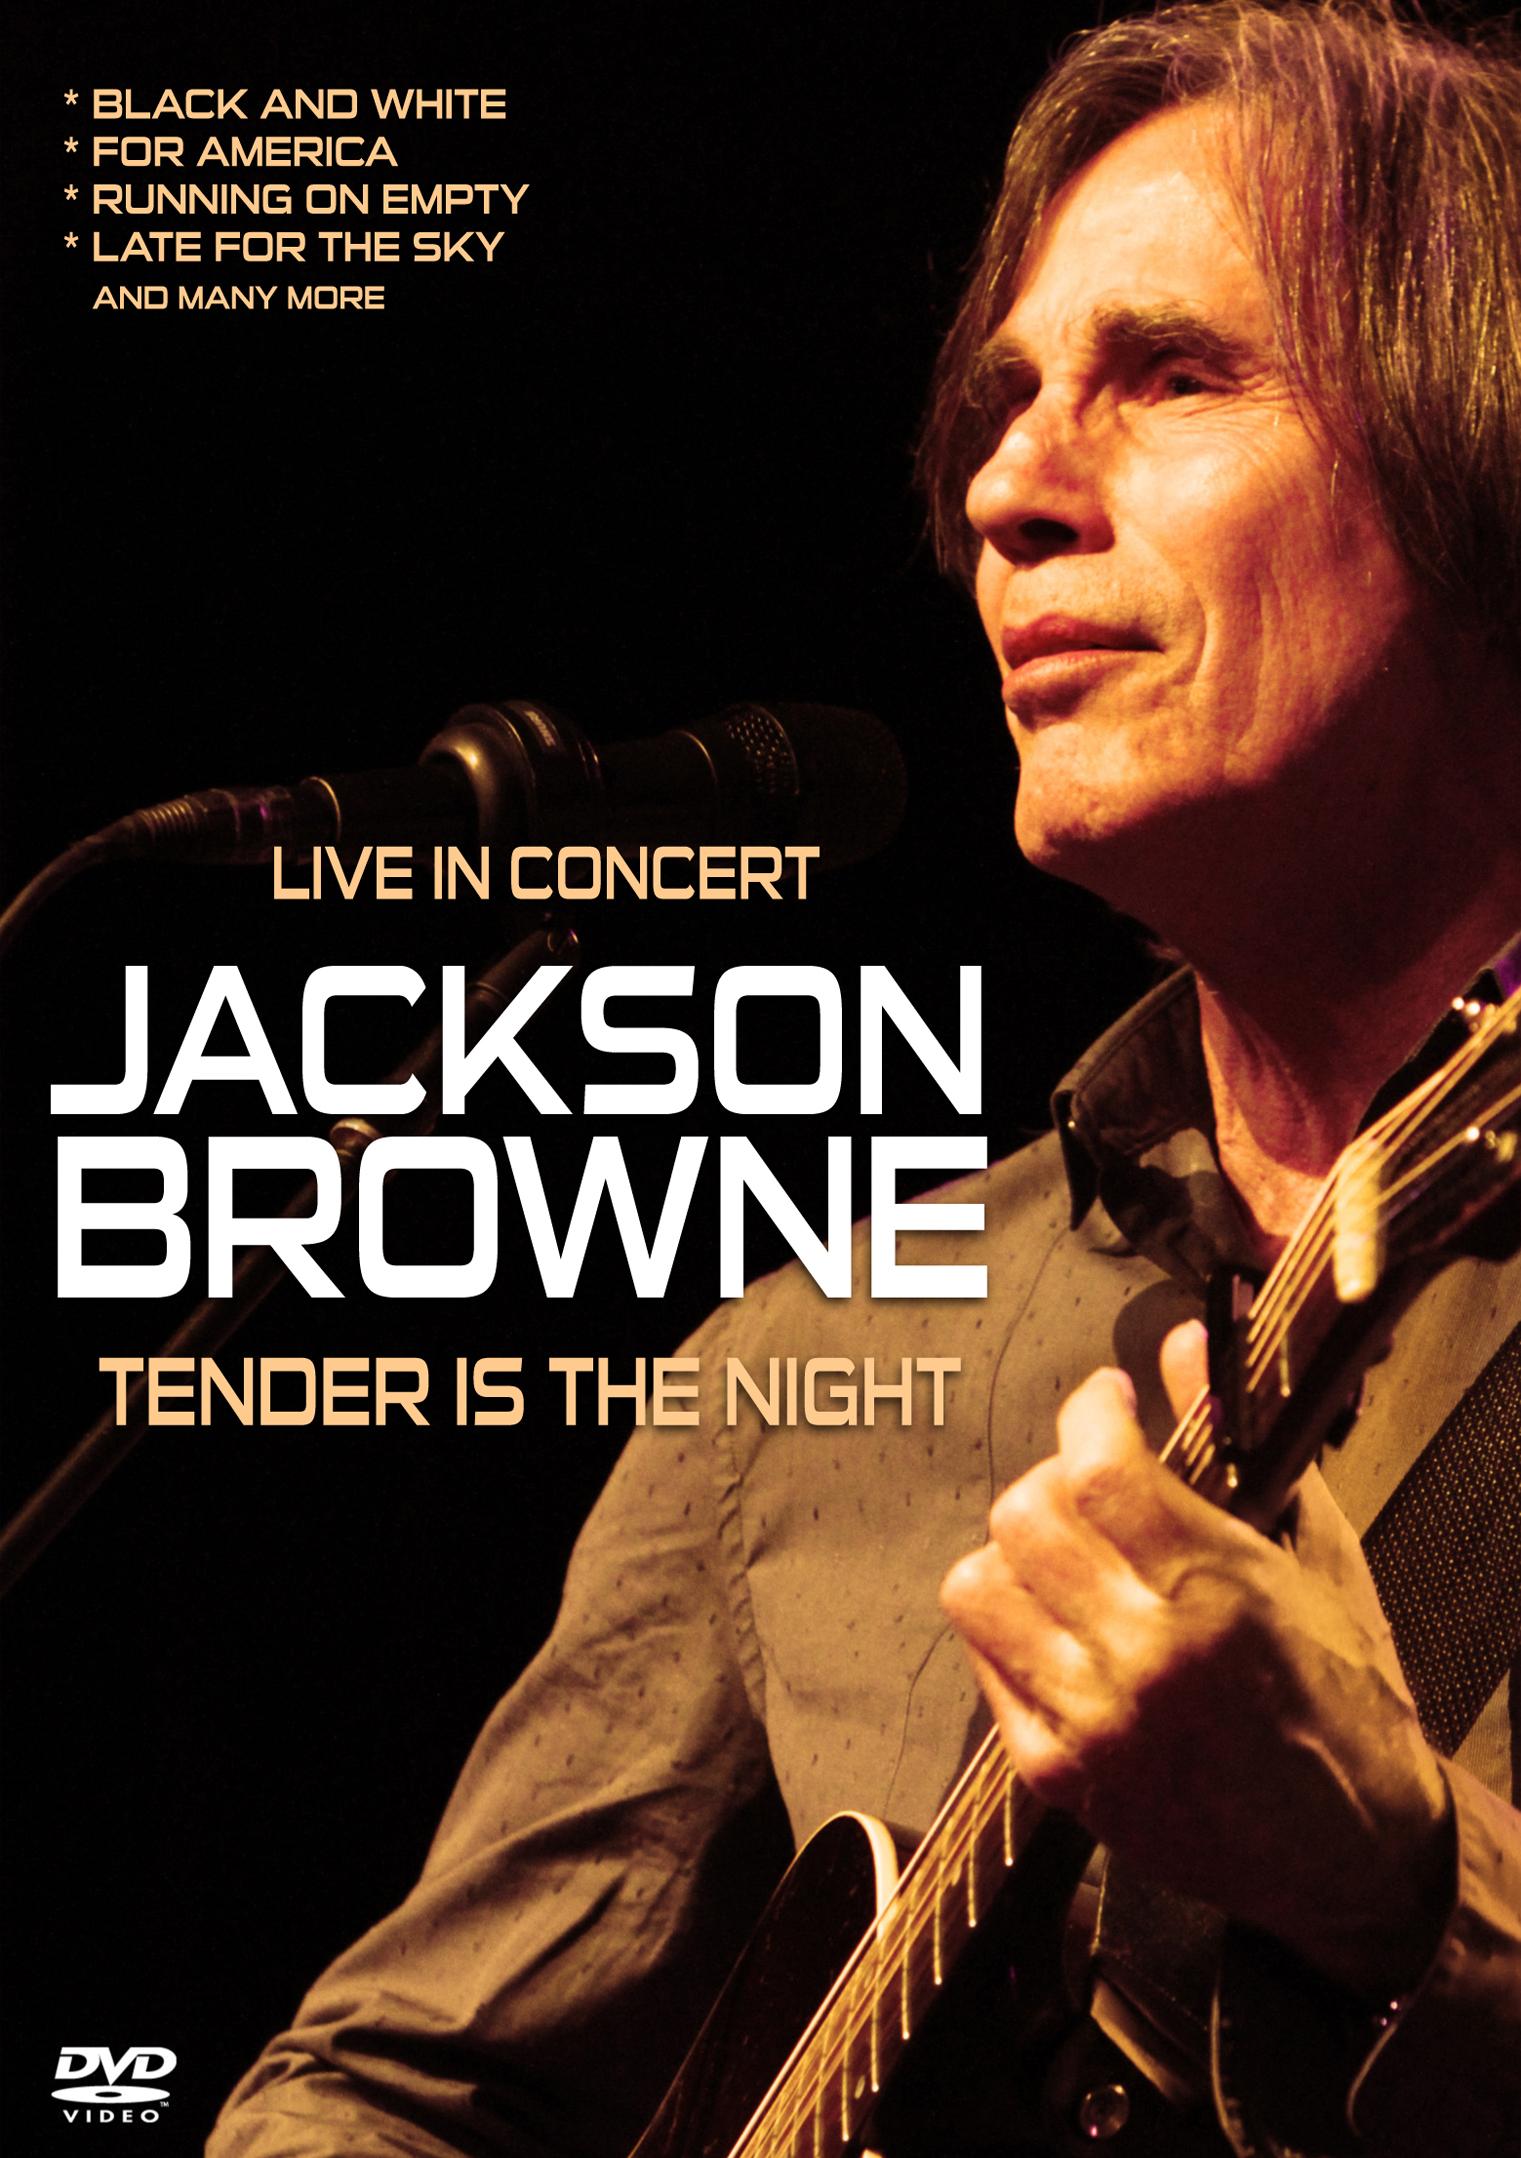 Jackson Browne: Tender Is the Night